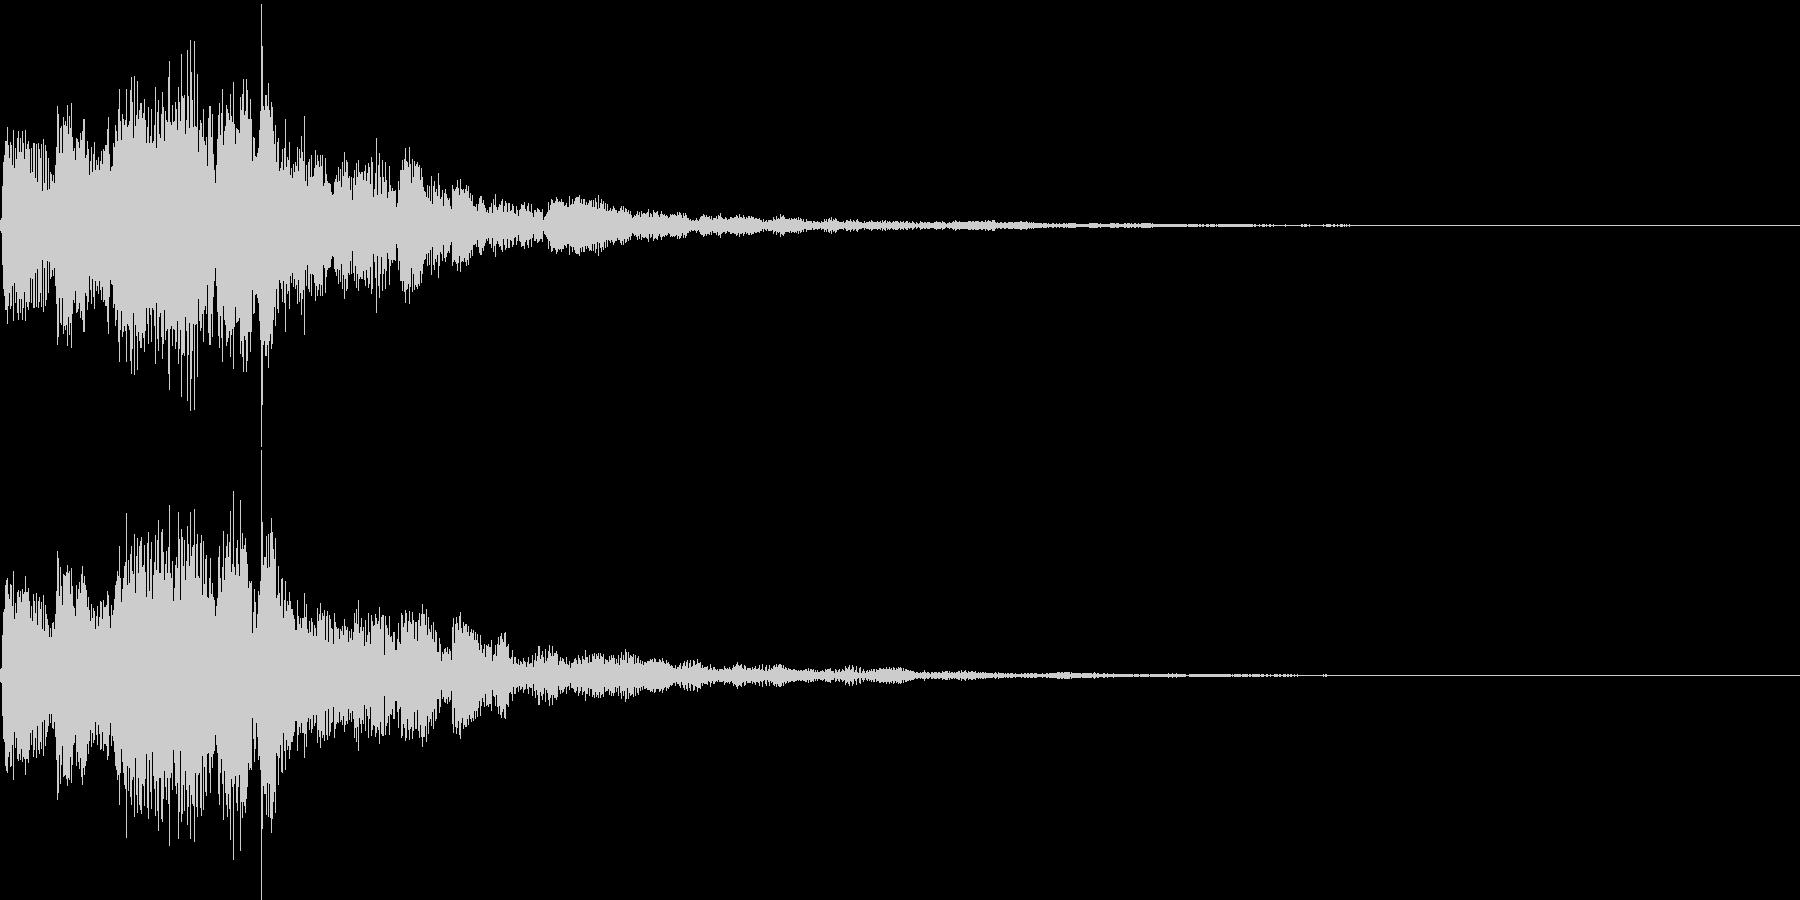 シャラララン(決定、レベルアップ、喜び)の未再生の波形